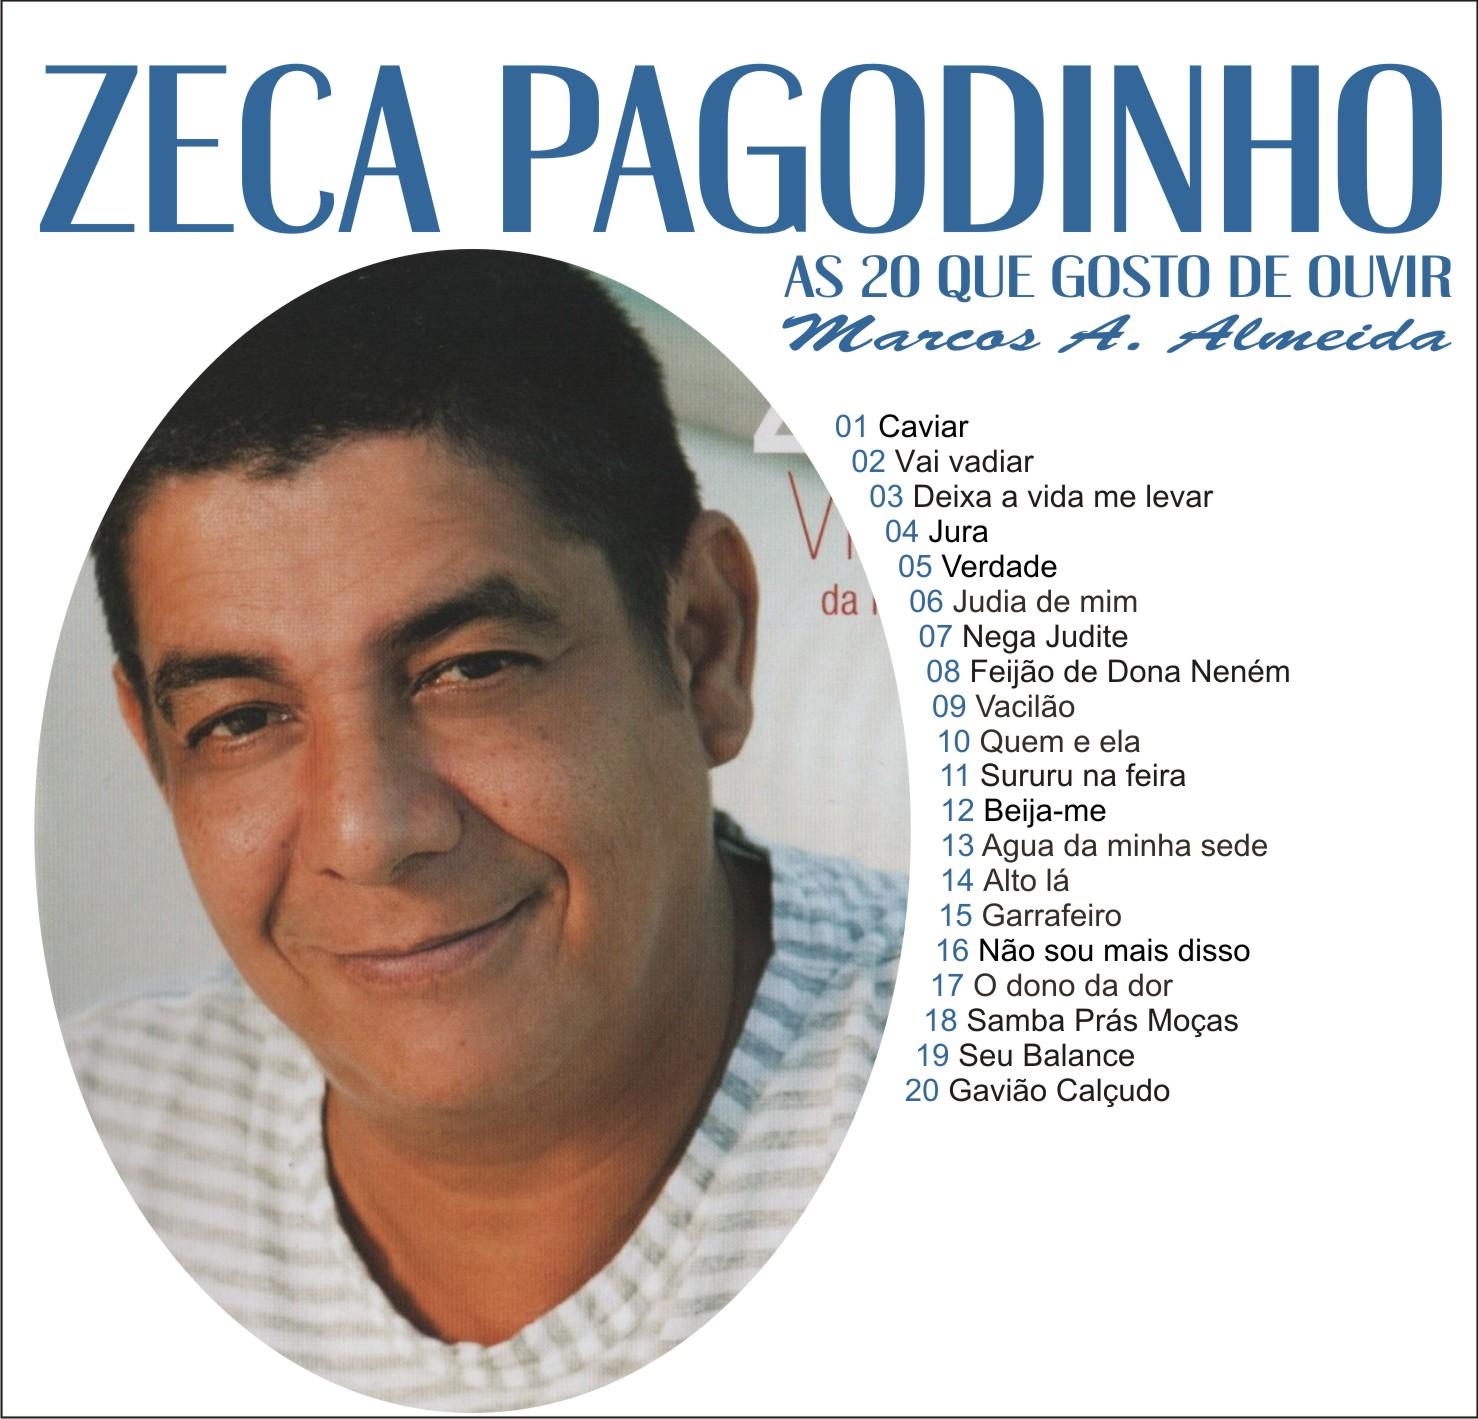 CAVIAR ZECA PAGODINHO BAIXAR MUSICA